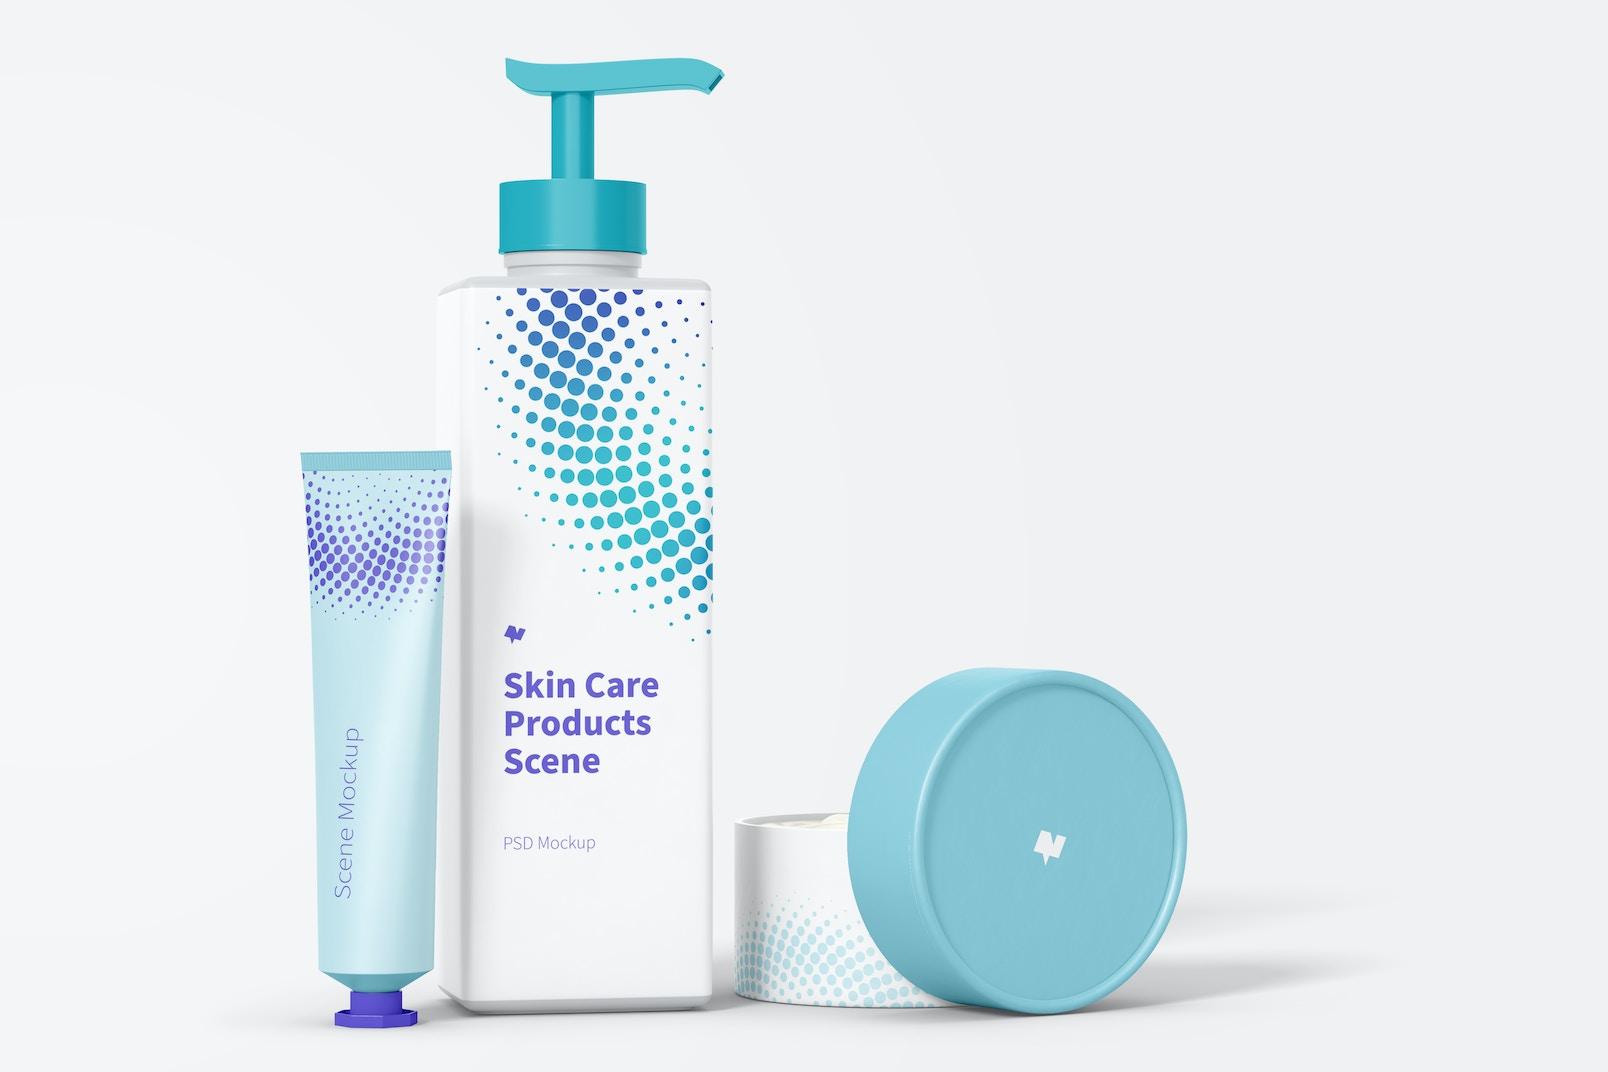 Skin Care Products Scene Mockup 02